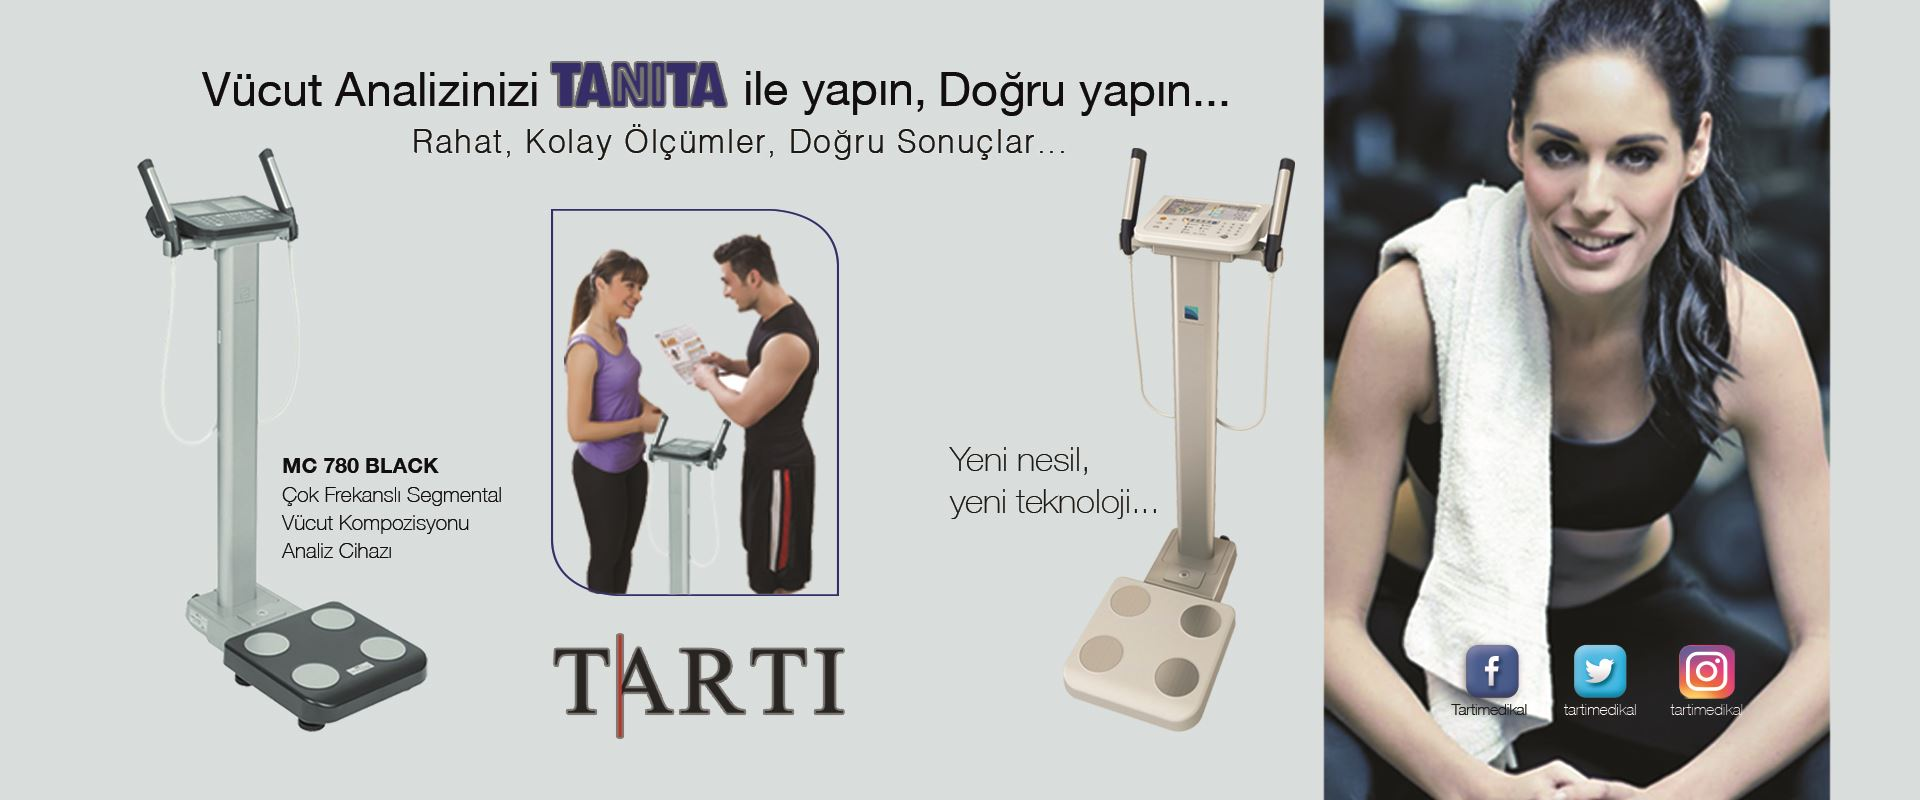 Kalıcı bağlantı: TANITA MC 780 Vücut Analizi